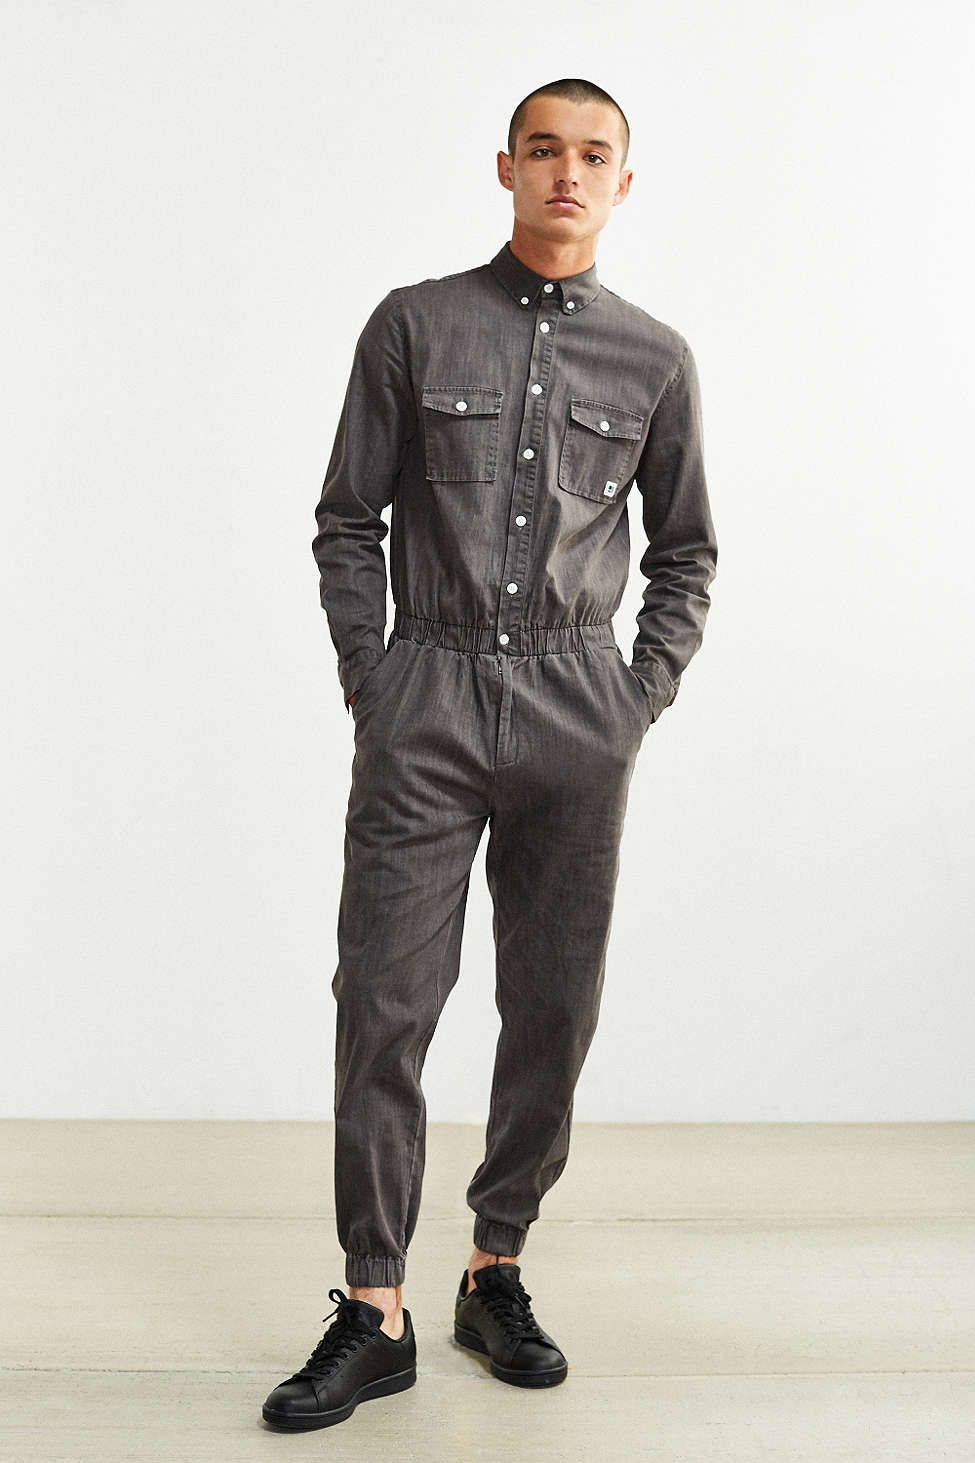 standard issue denim long sleeve jumpsuit him denim. Black Bedroom Furniture Sets. Home Design Ideas